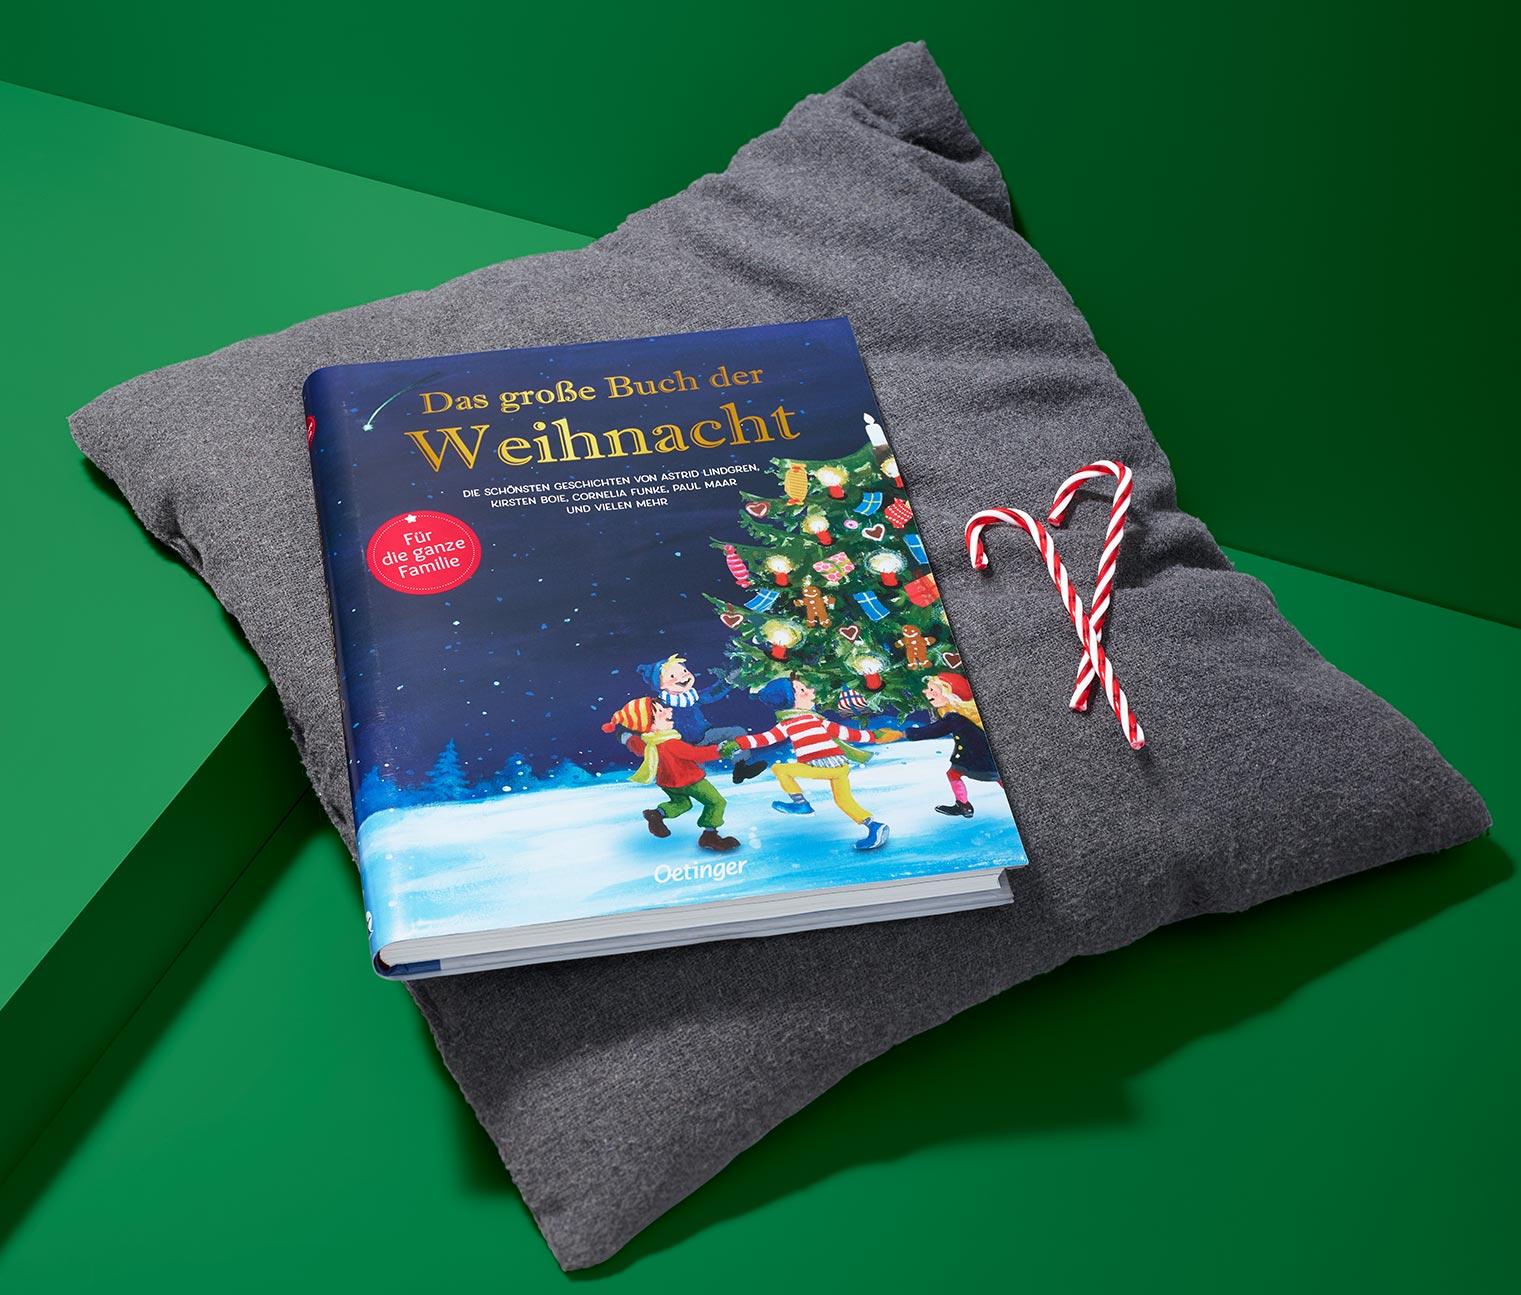 Image of Buch »Das grosse Buch der Weihnacht«